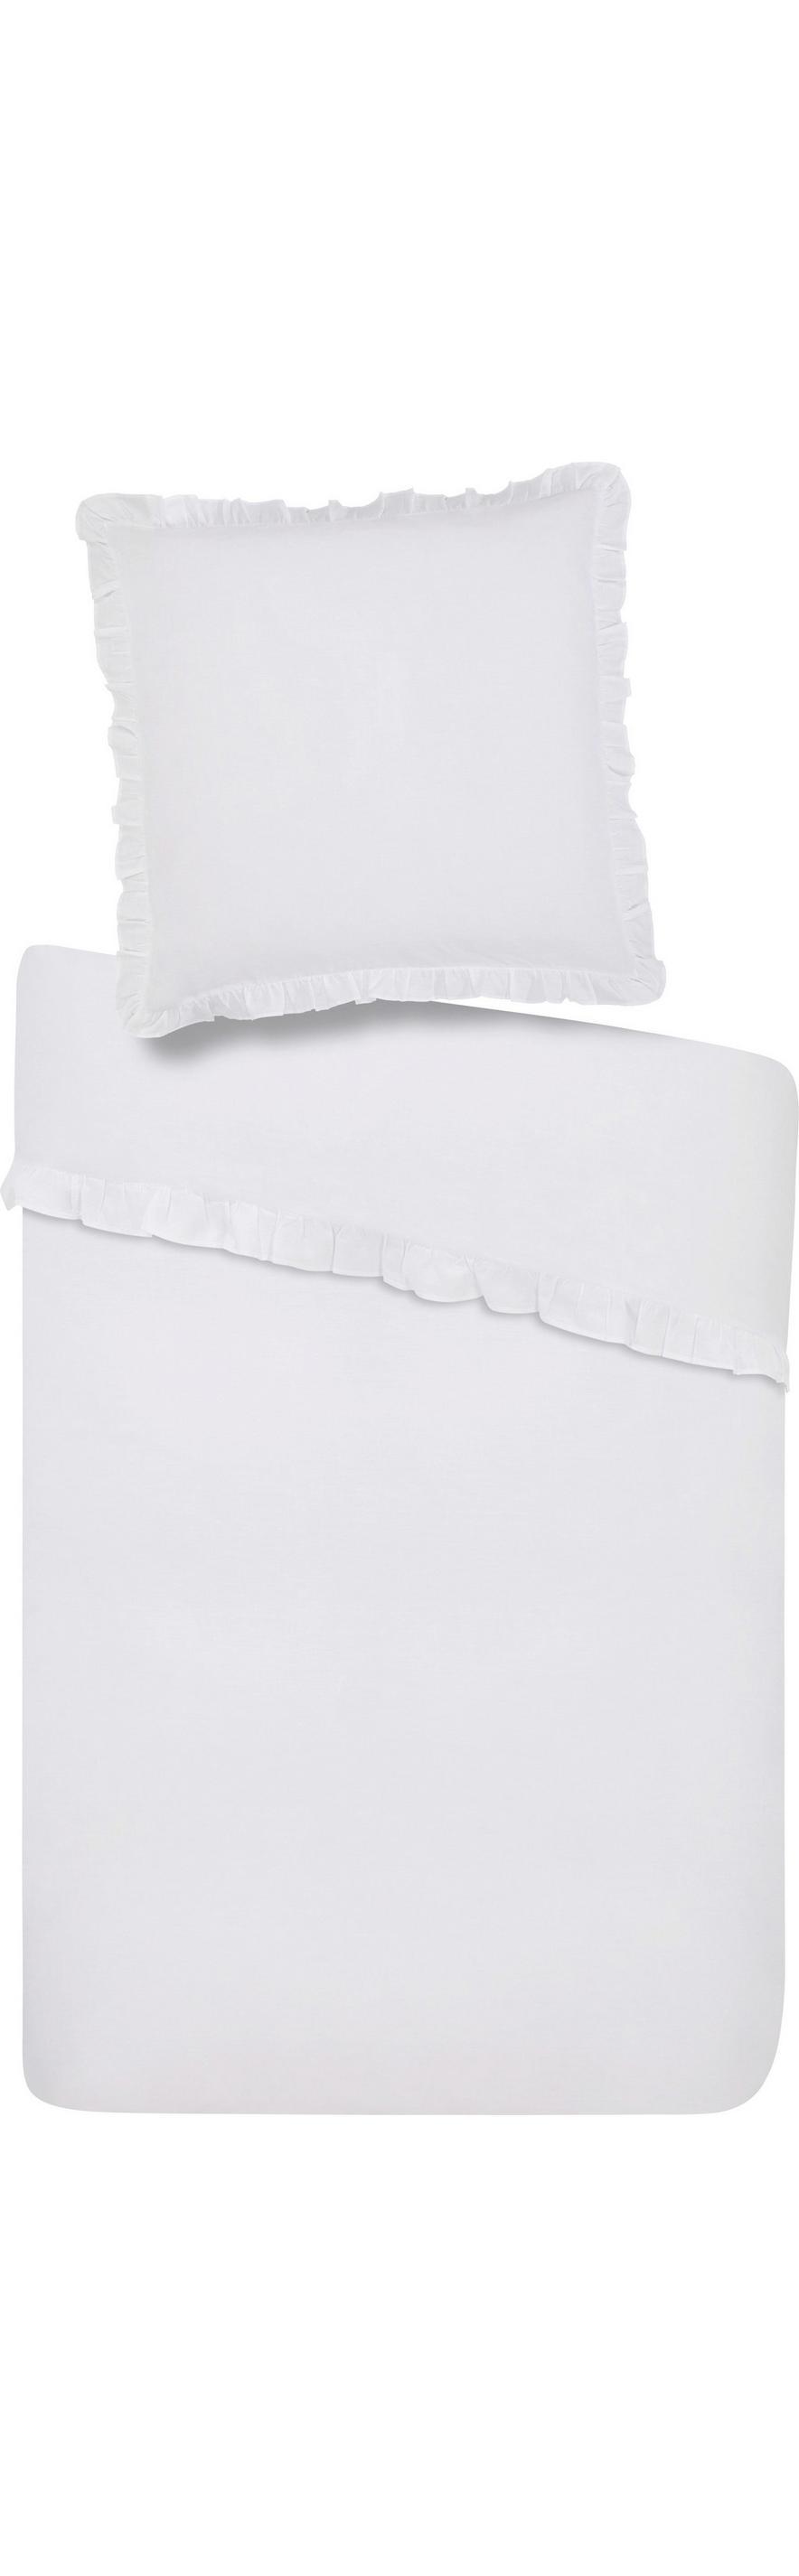 Bettwäsche Rüschen In Weiß Ca 135x200cm Online Kaufen Mömax